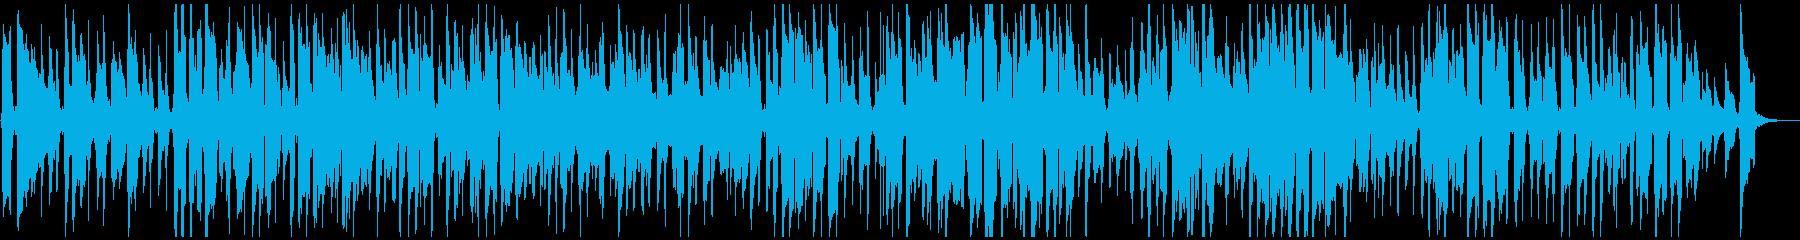 のほほんハッピージプシージャズ※60秒版の再生済みの波形